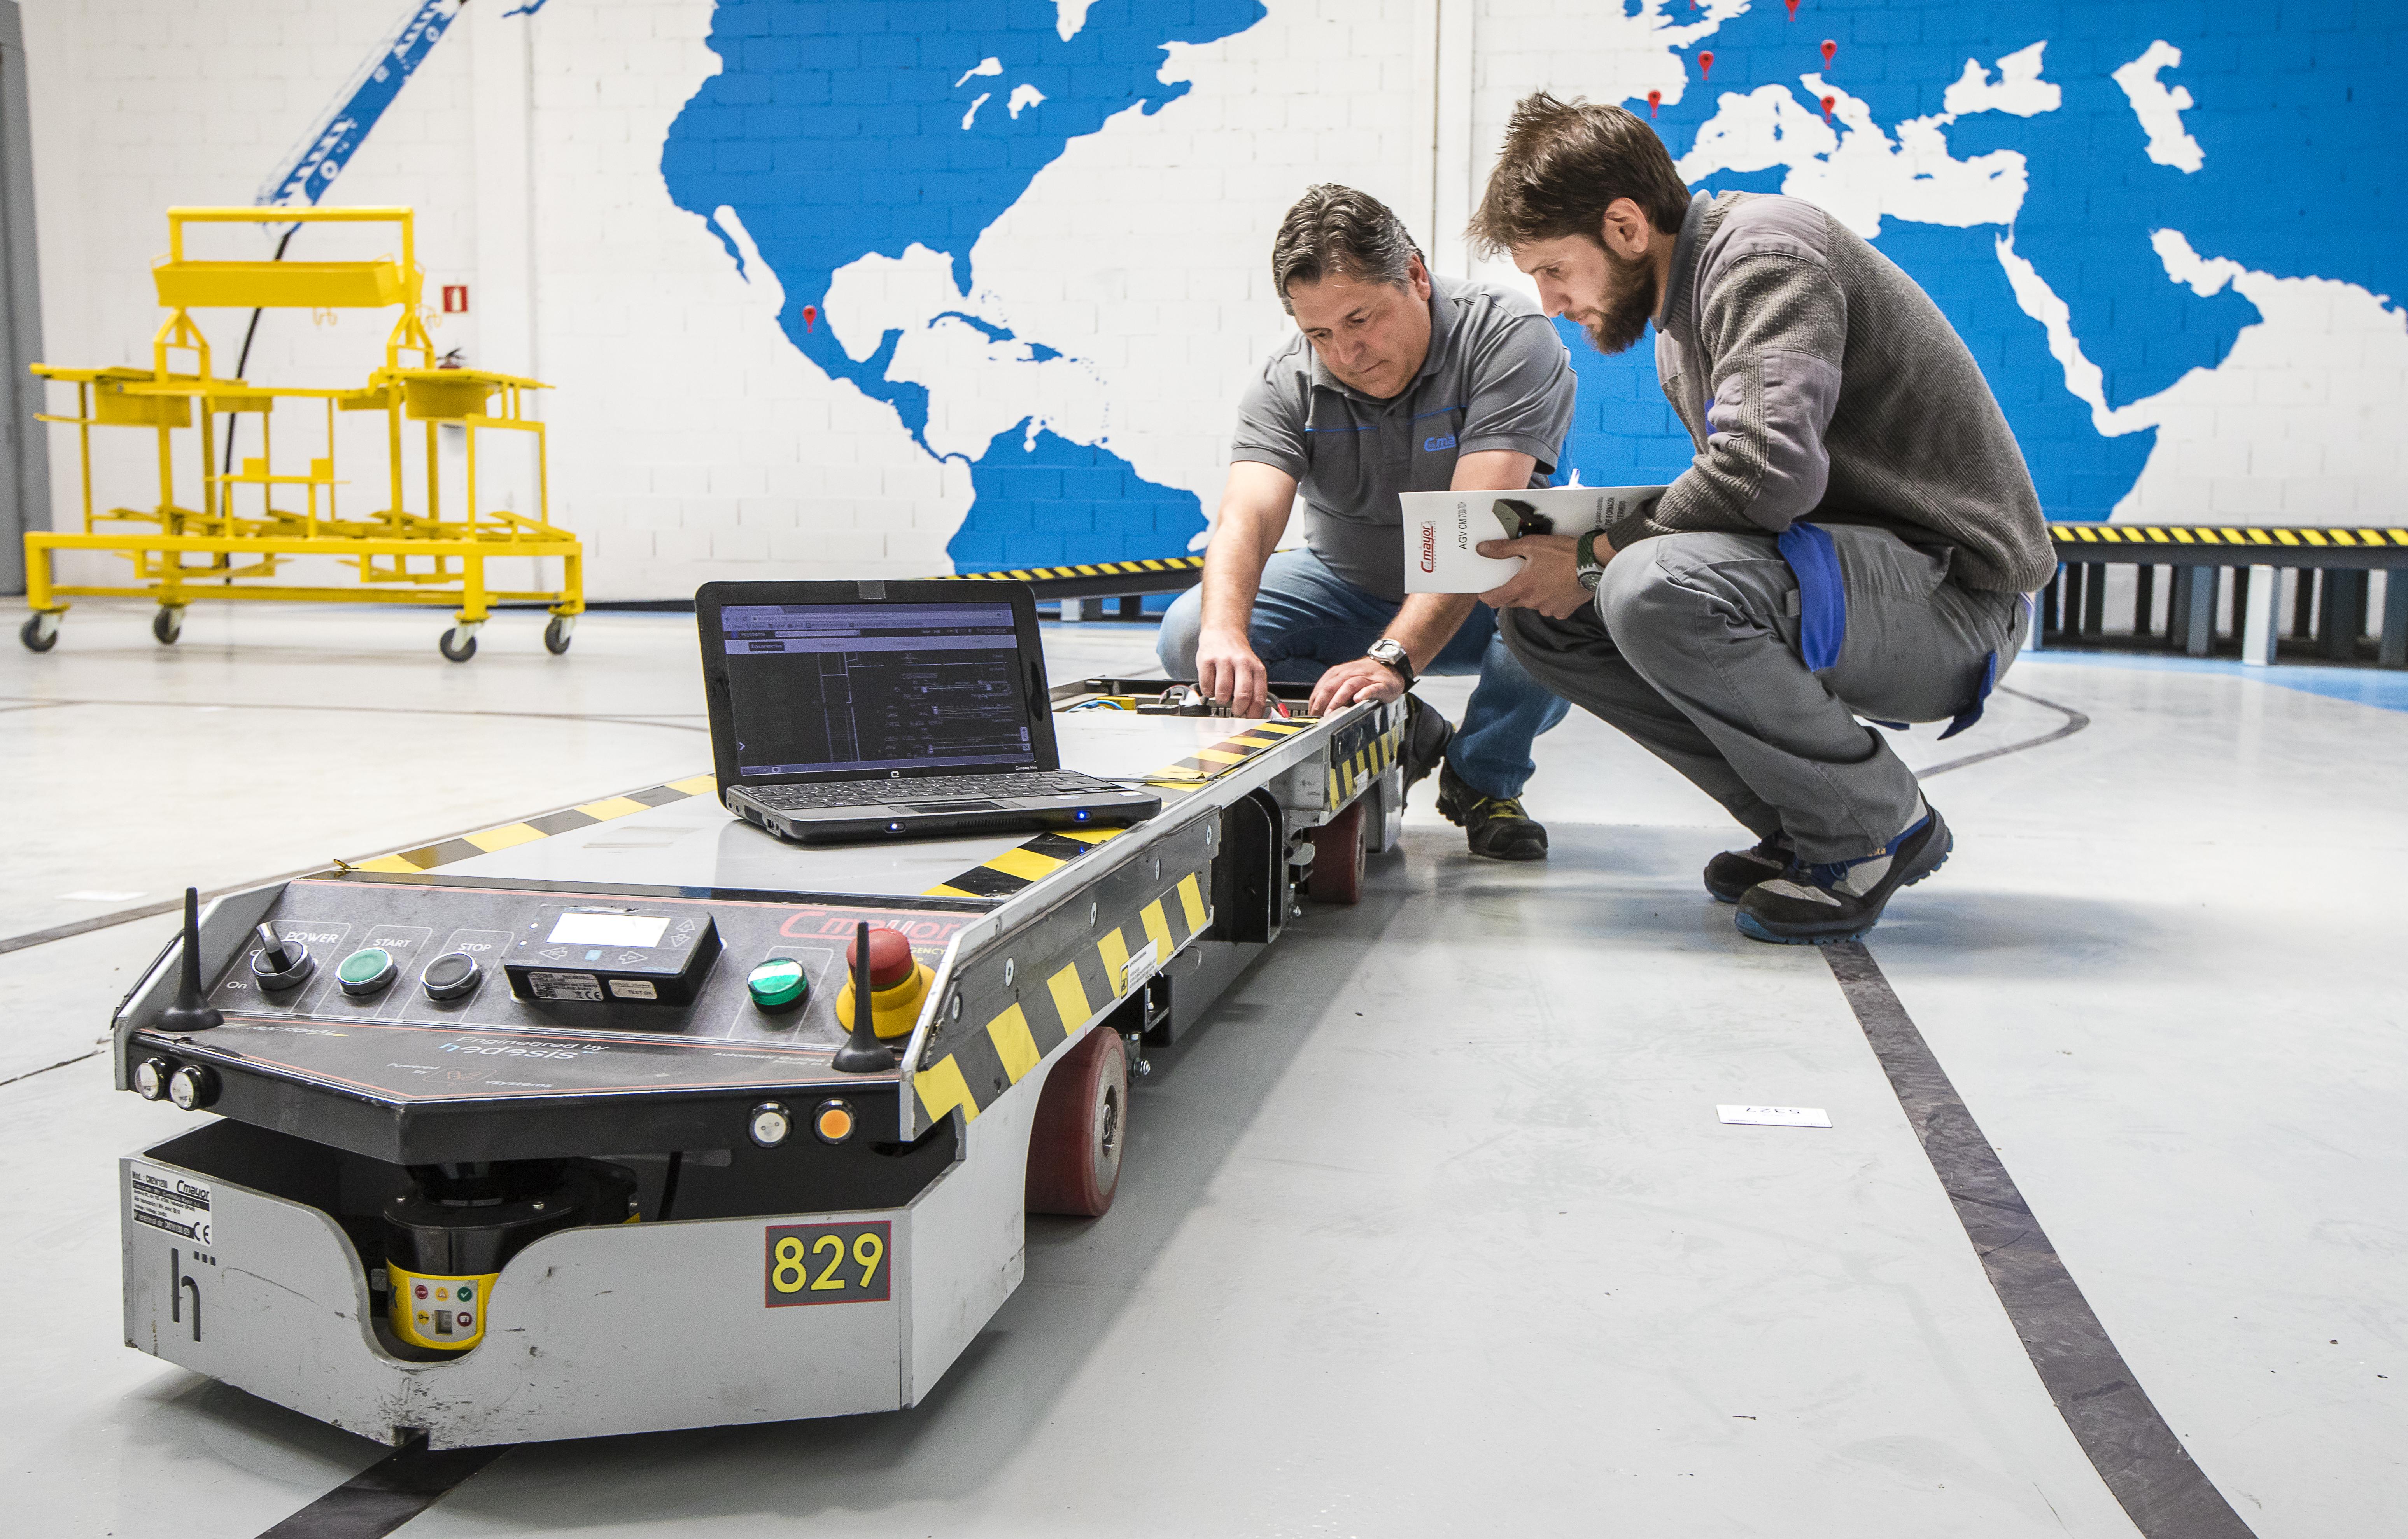 Carretillas Mayor organiza un Taller Práctico de AGVs